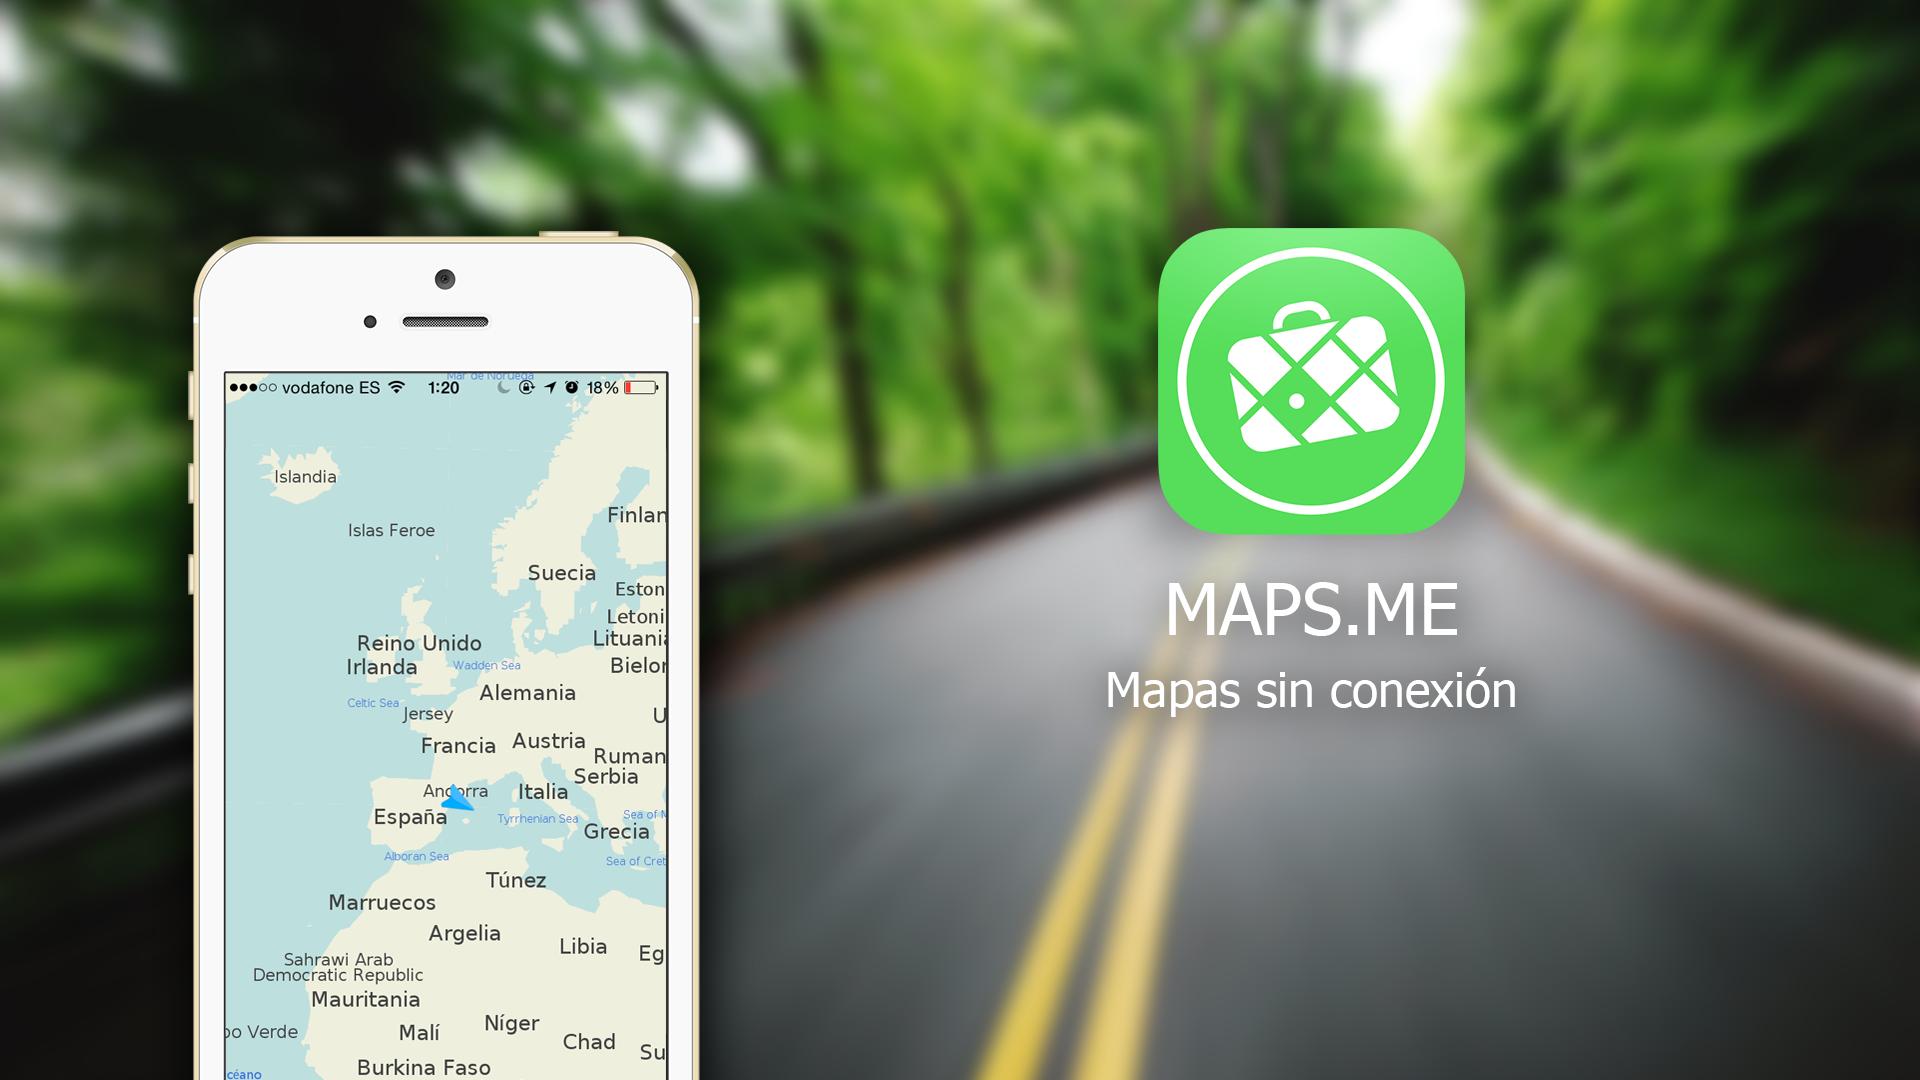 Maps-Me (mapas sin conexion)